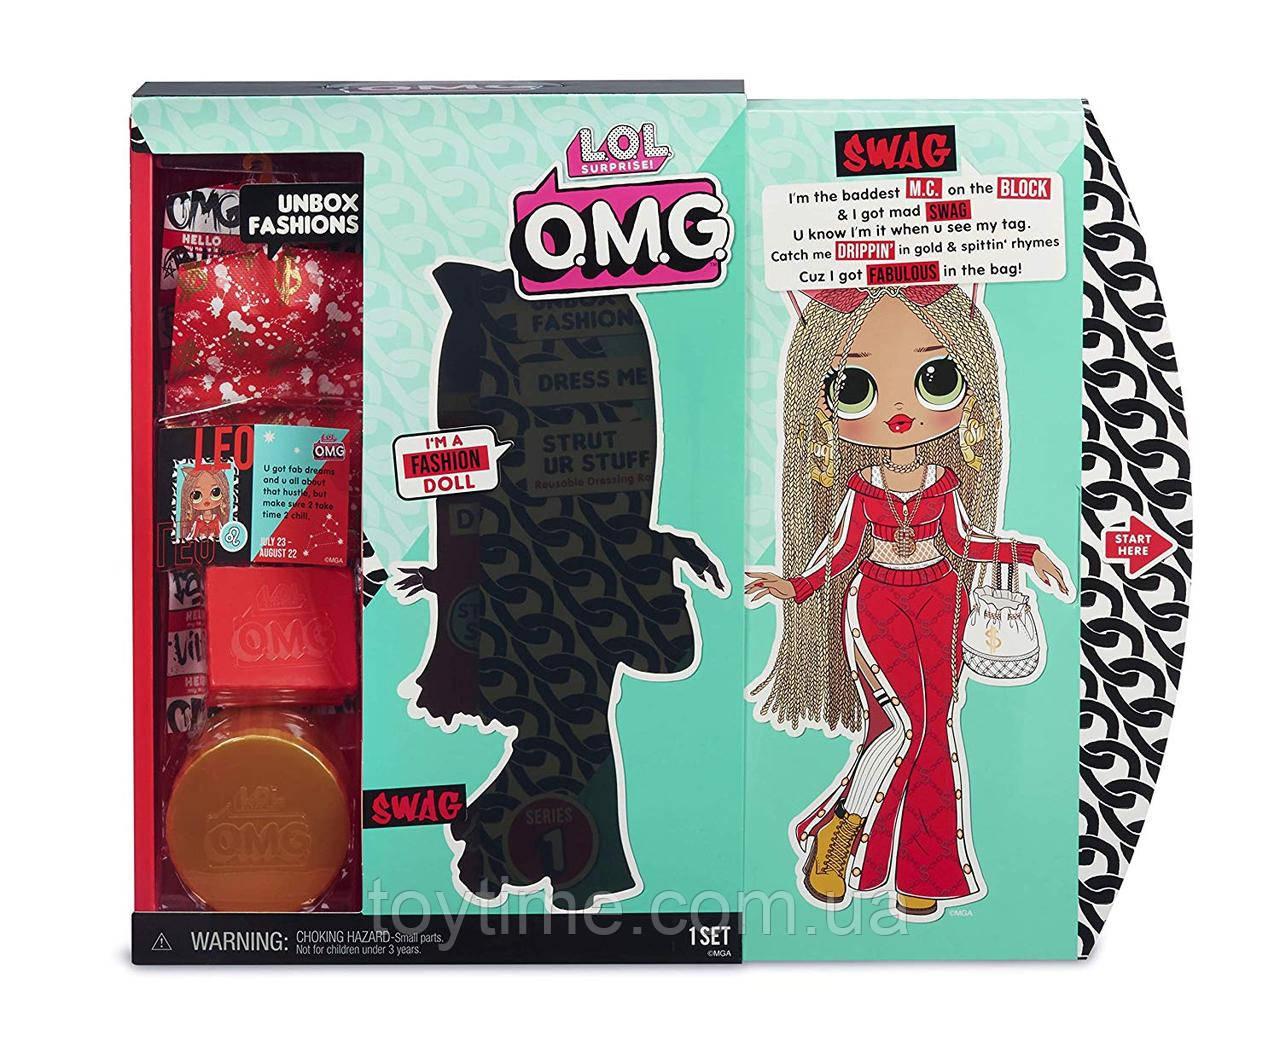 ЛОЛ O.M.G. Леди DJ / L.O.L. Surprise! O.M.G. Swag Fashion Doll